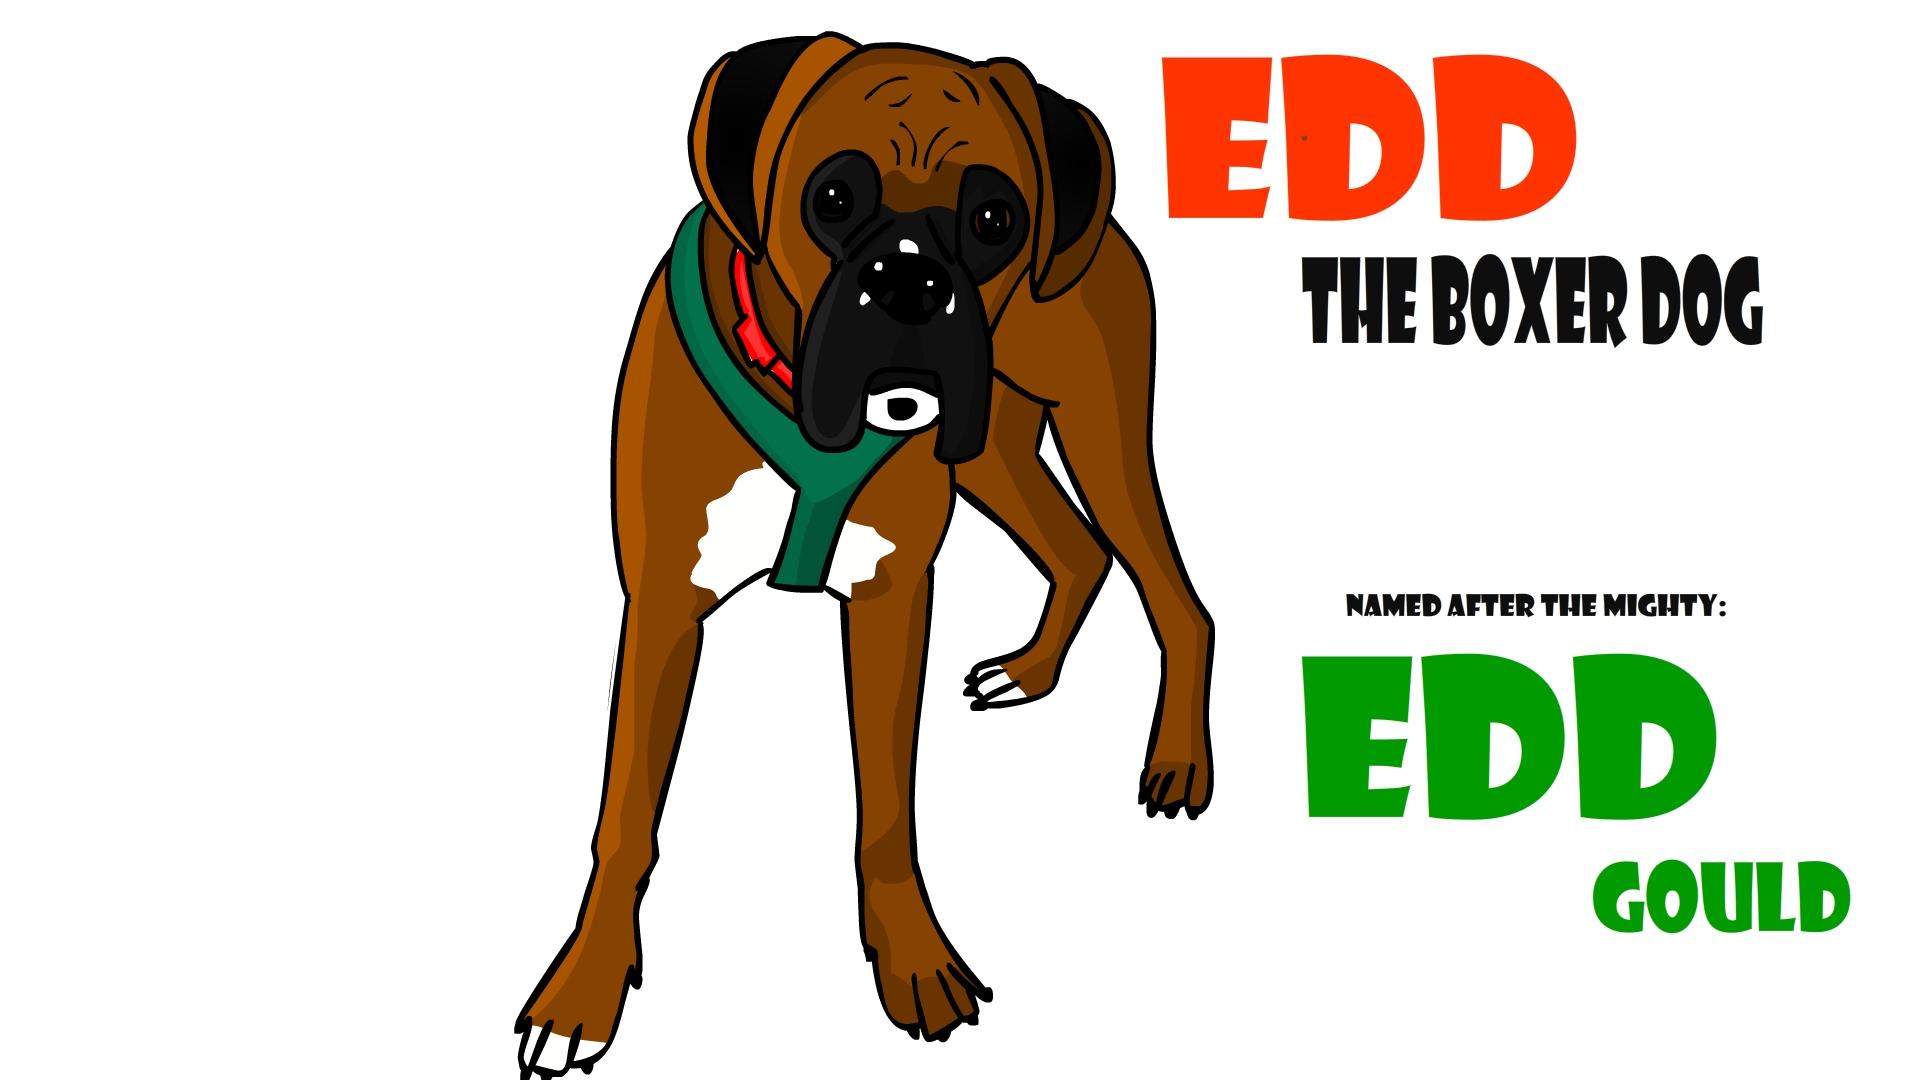 Edd the dog